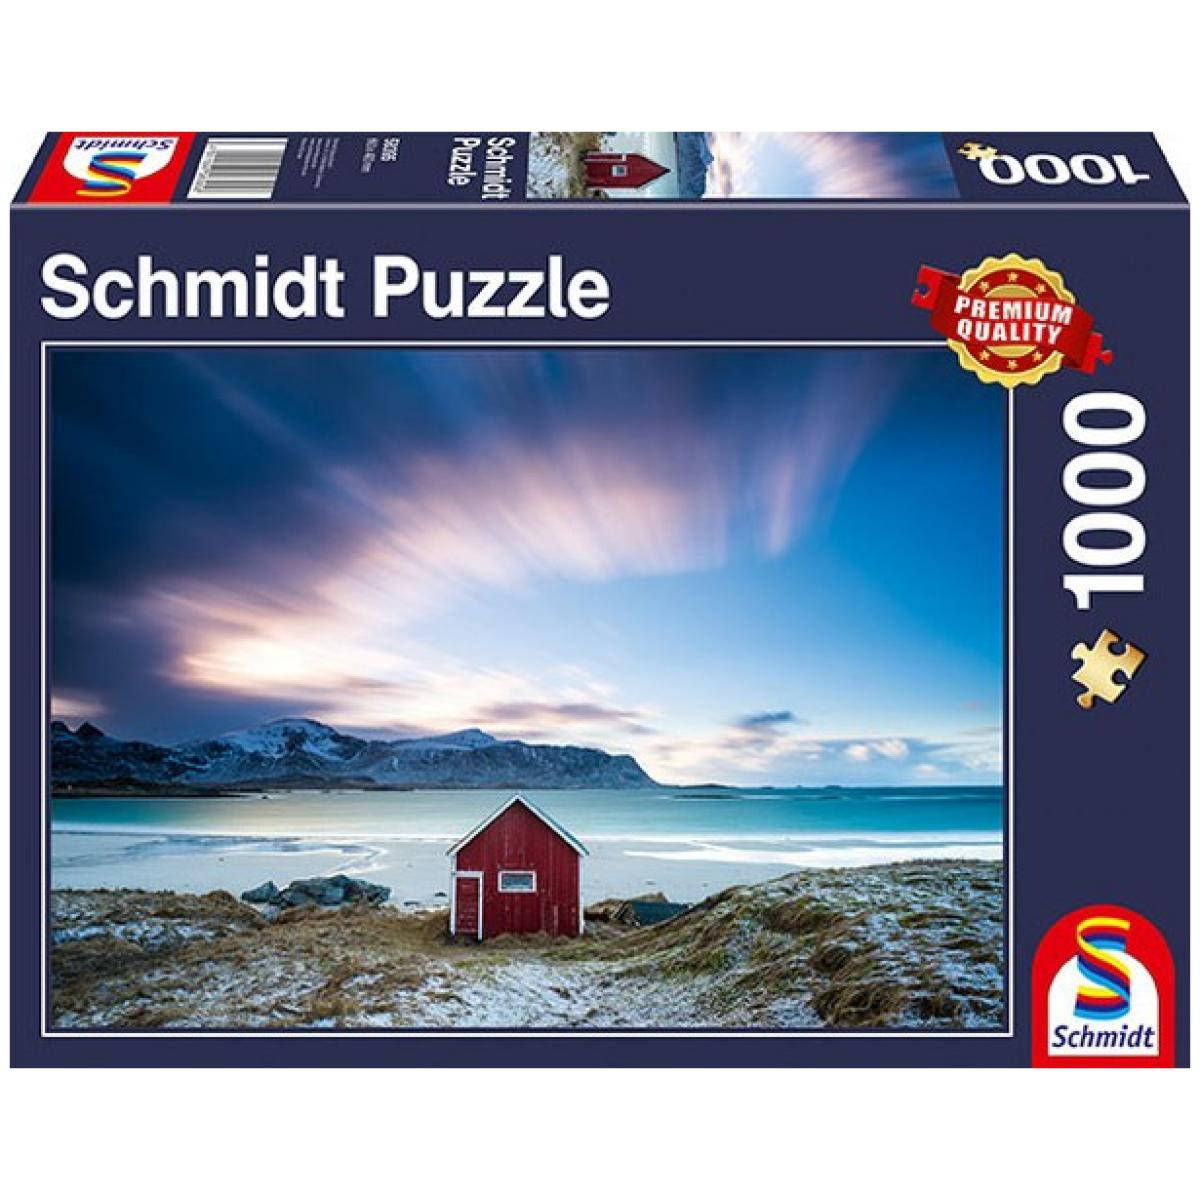 Sestavljanka puzzle 1000 delna Schmidt Koča Atlantik